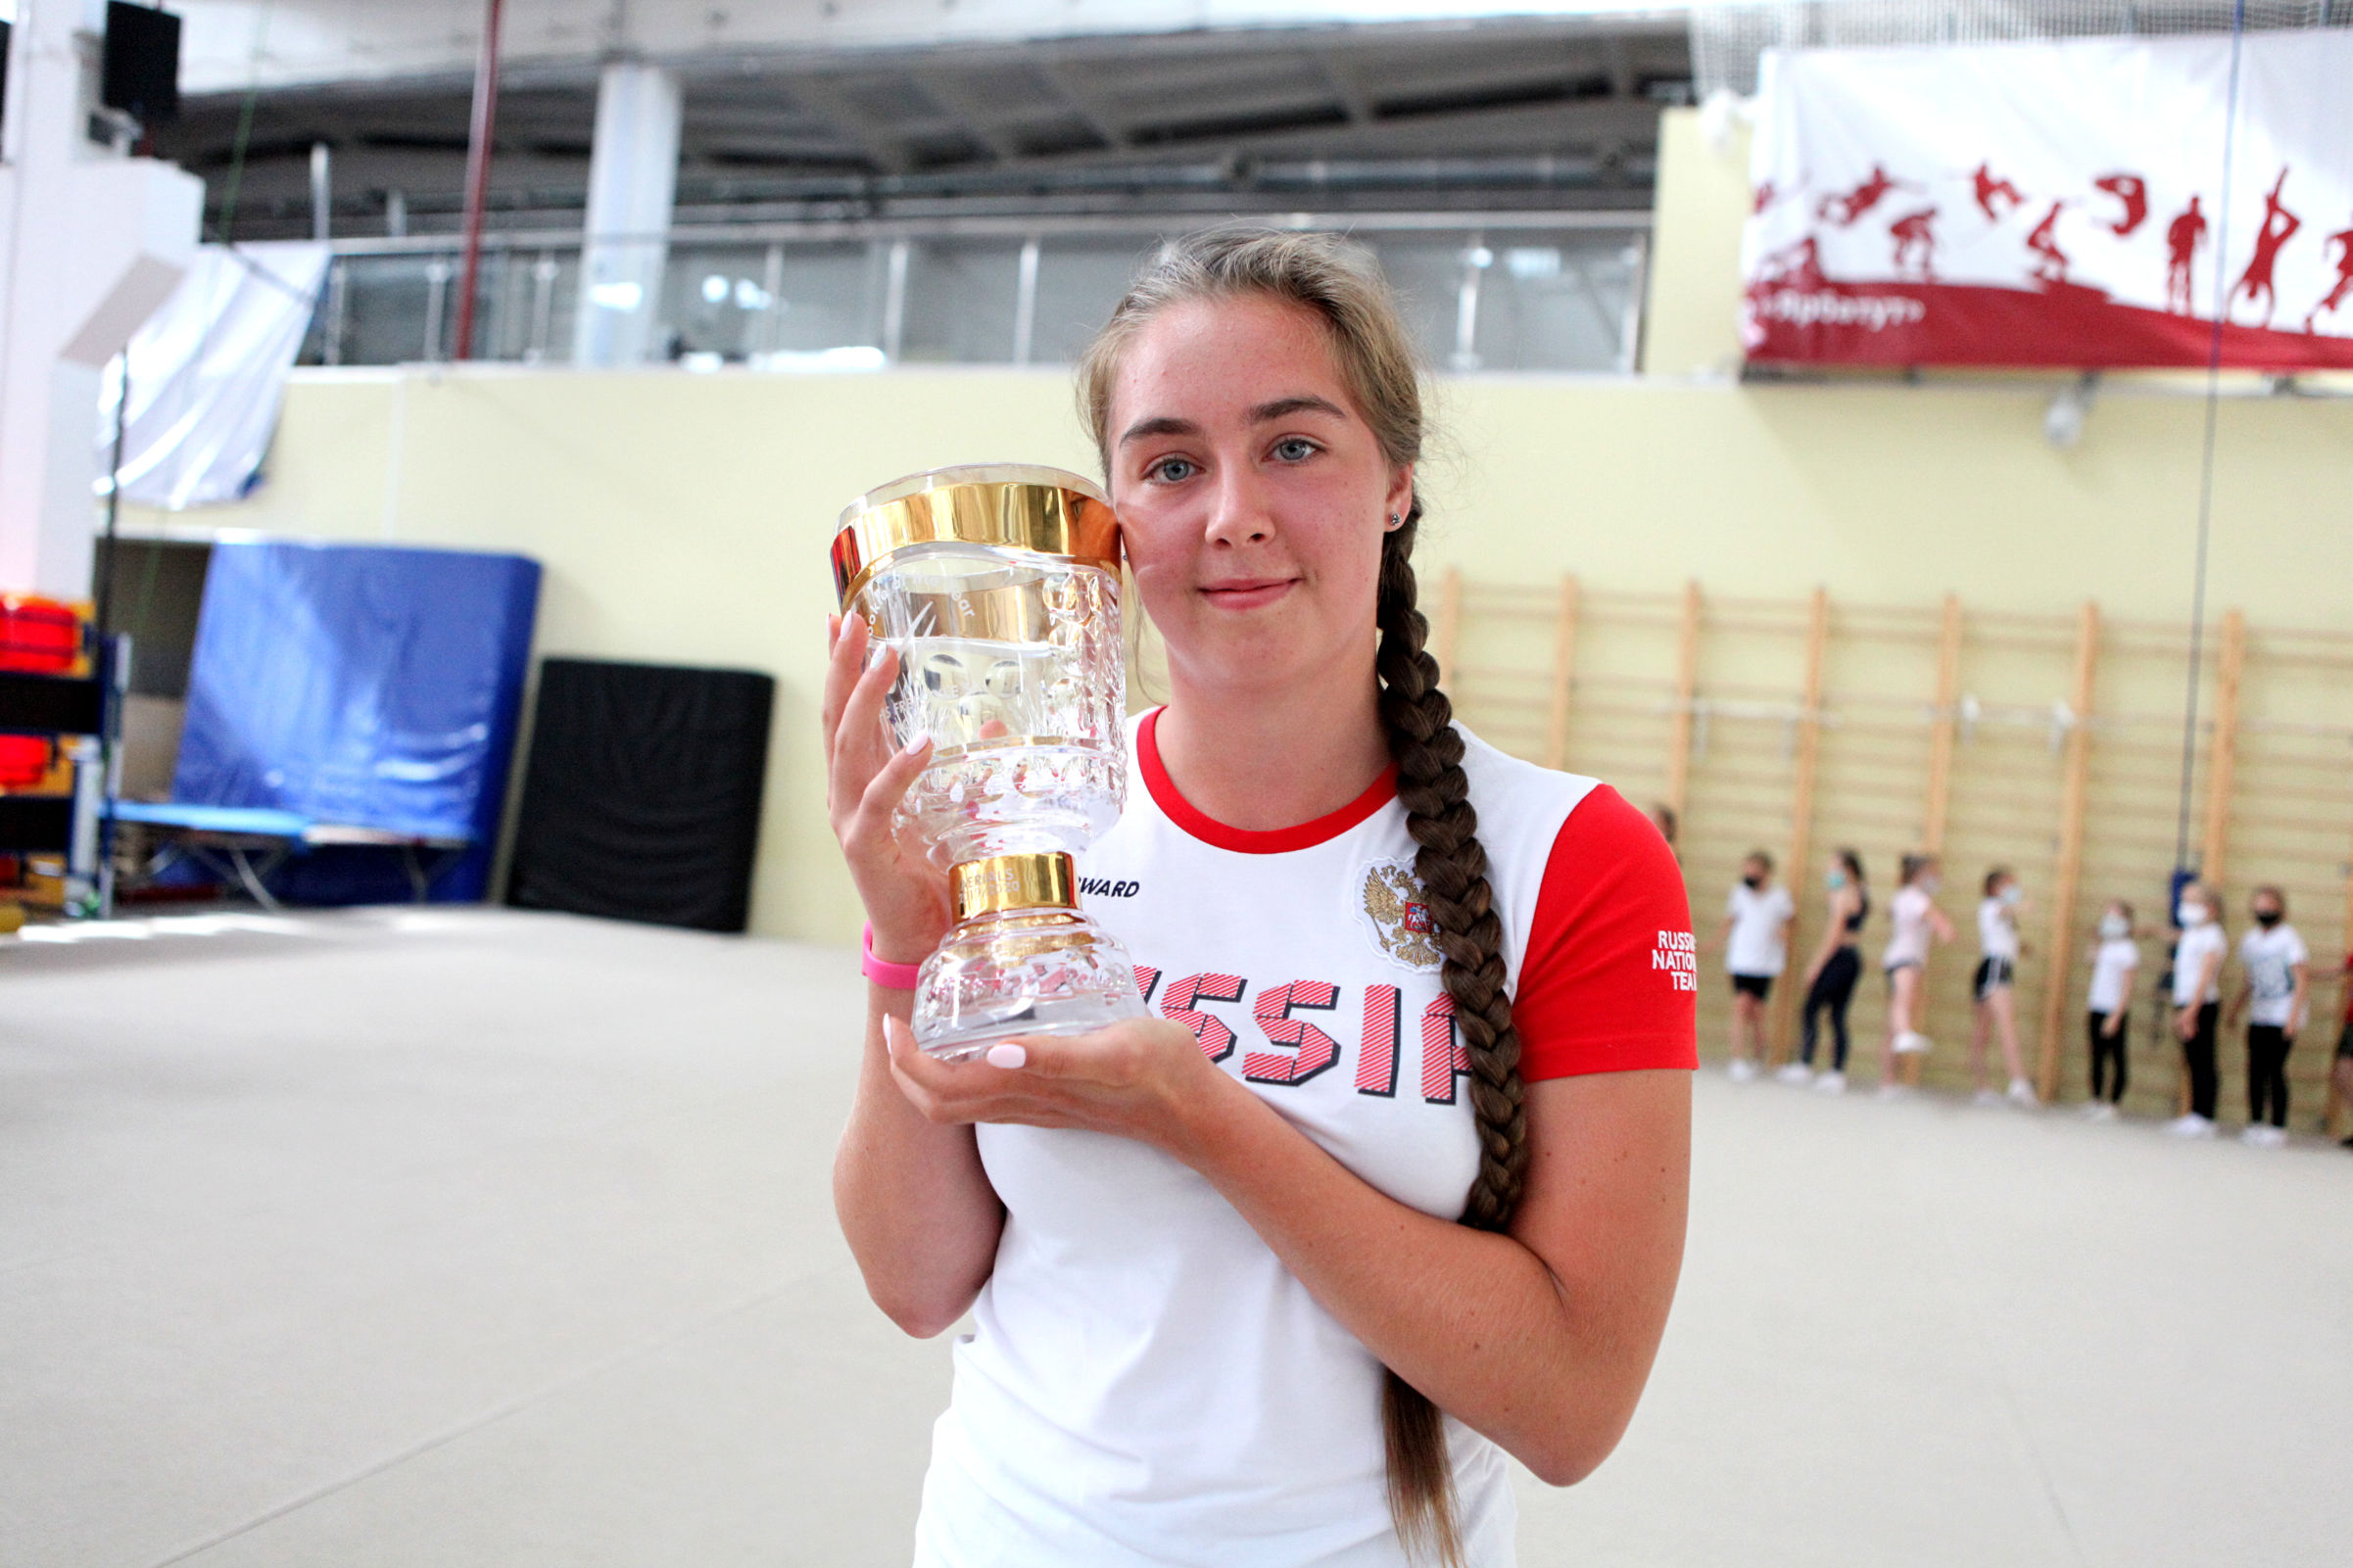 К кубку с трамплина. Ярославская спортсменка стала победительницей в номинации «Прорыв года»